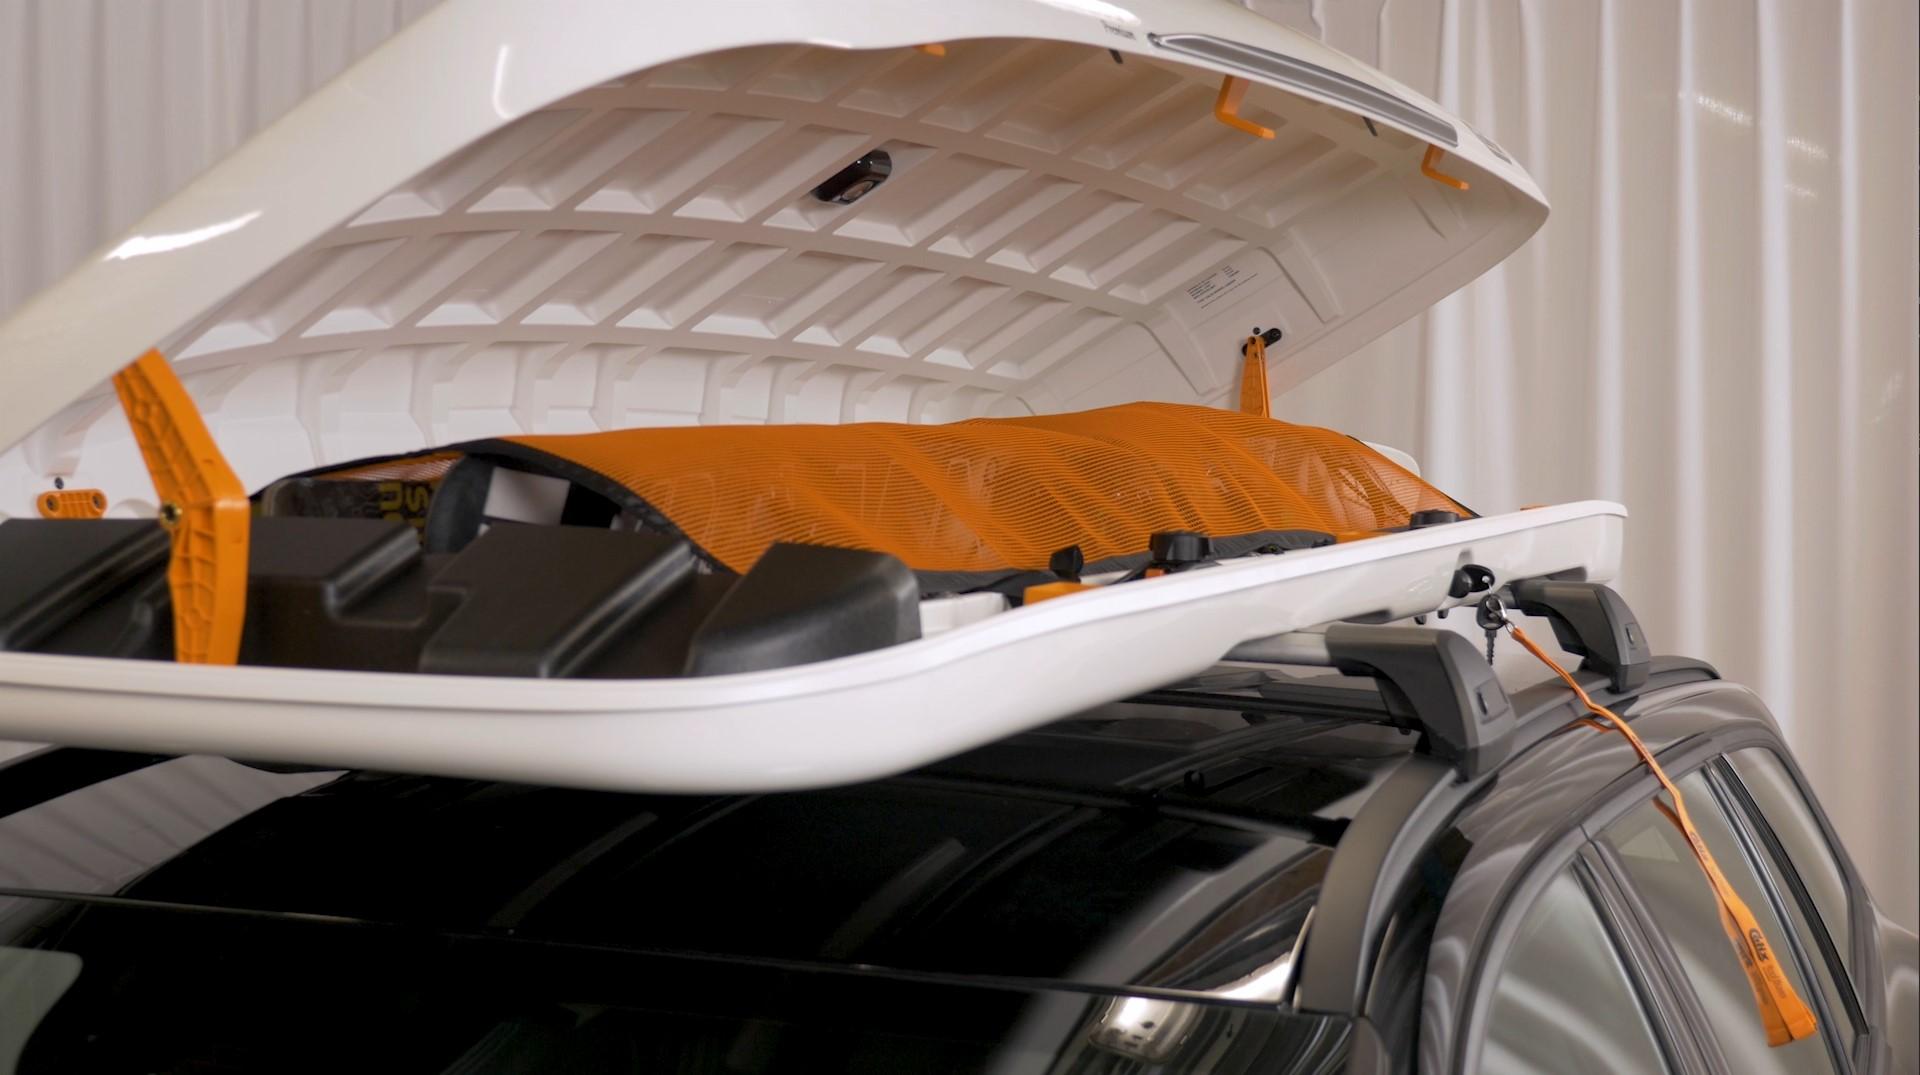 Calix roofbox ontop of car